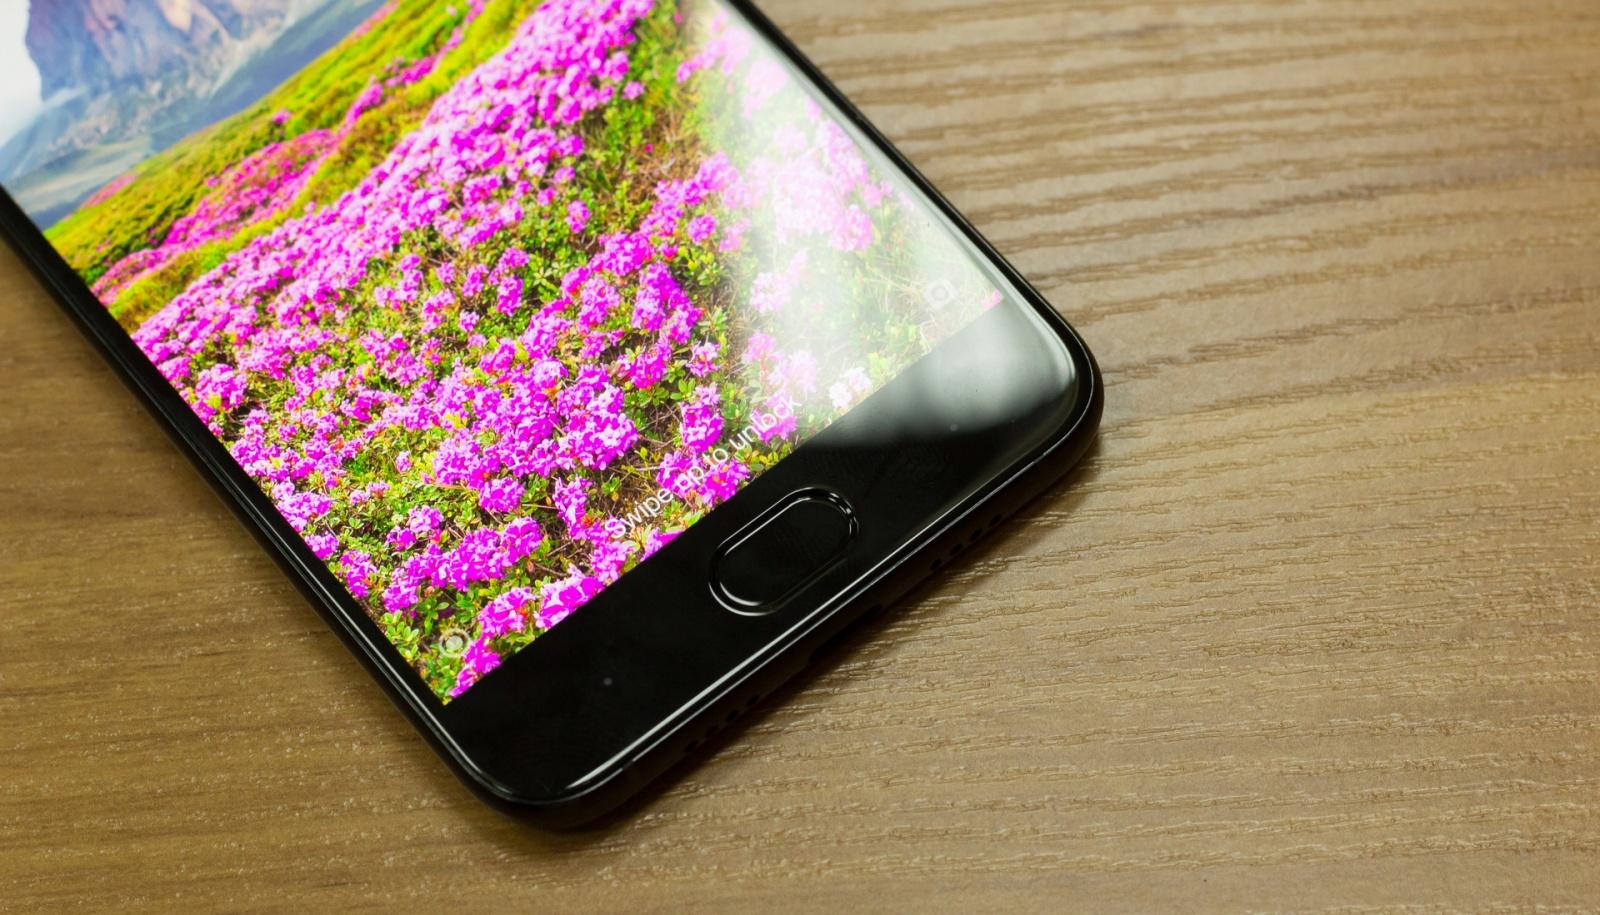 Обзор Xiaomi Mi6. Настоящий флагман за полцены, и при этом не совсем лопата - 3